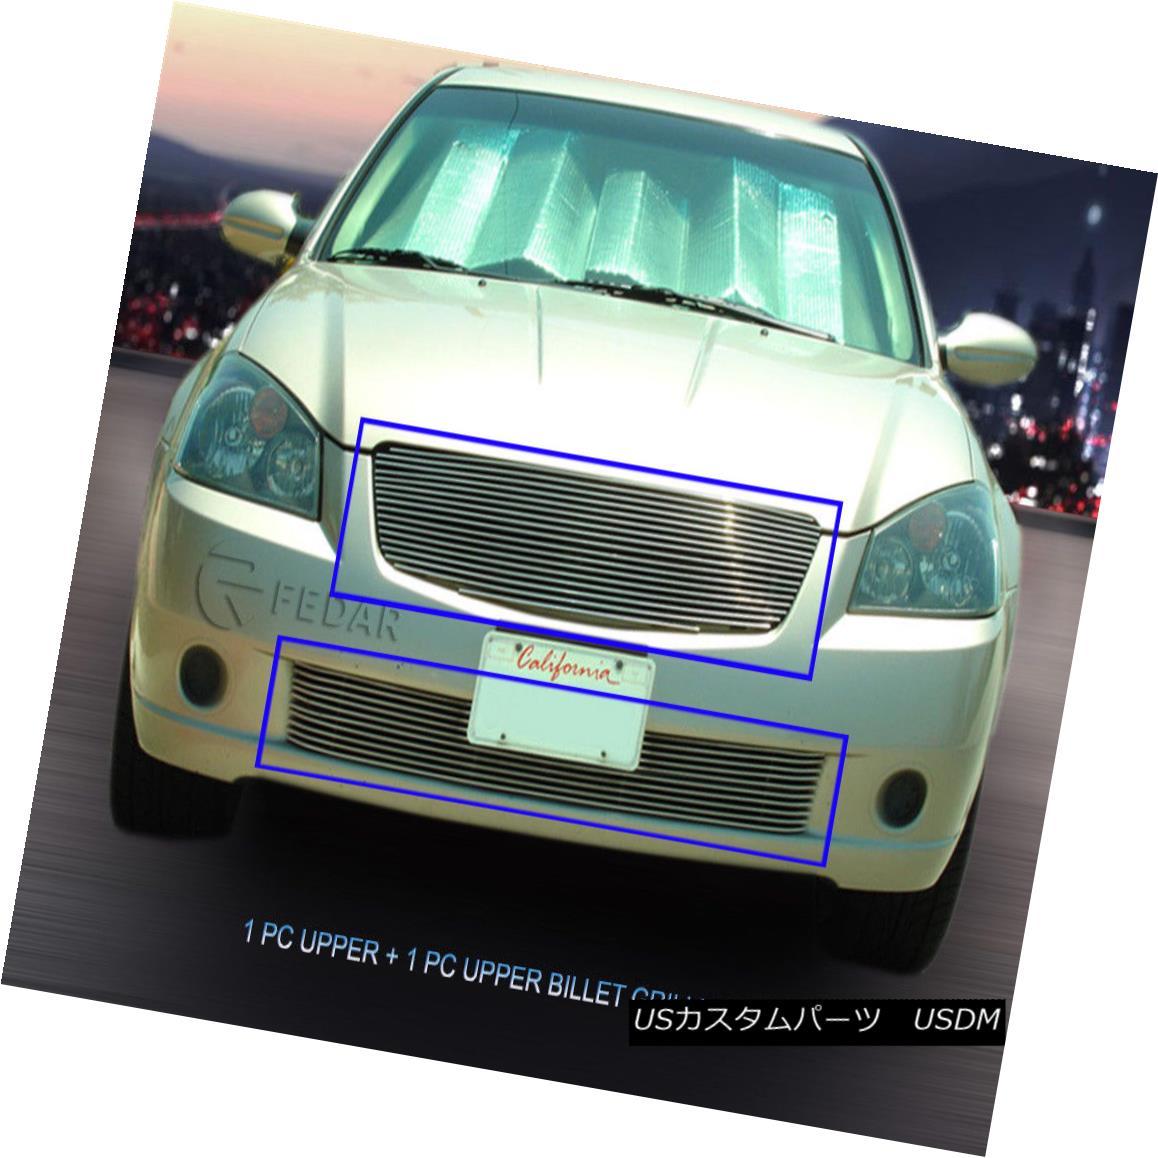 グリル Fedar Fits 2005-2006 Nissan Altima Polished Billet Grille Combo Fedarは2005-2006年に合う日産アルティマポリッシュビレットグリルコンボ